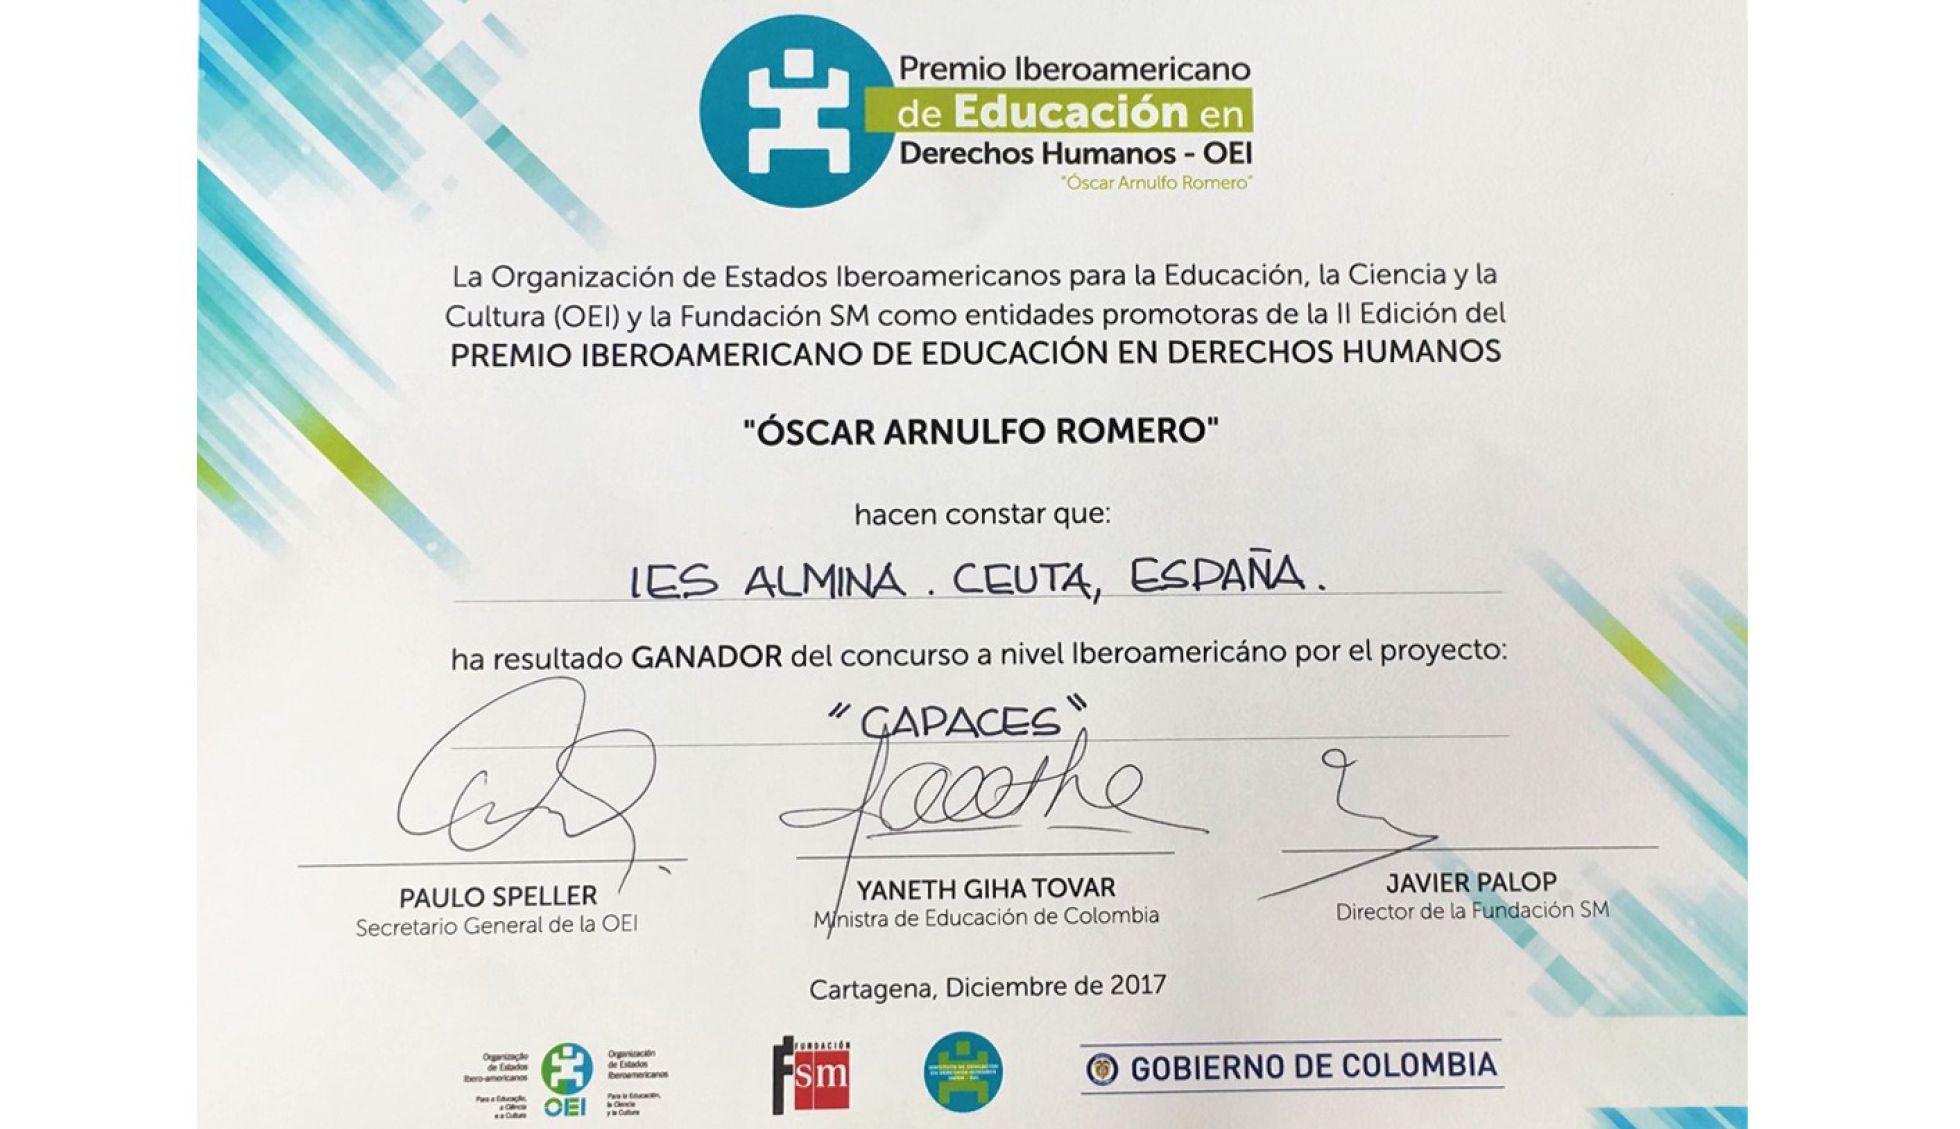 """Premio de Educación en Derechos Humanos """"Óscar Arnulfo Romero"""" (OEA)"""